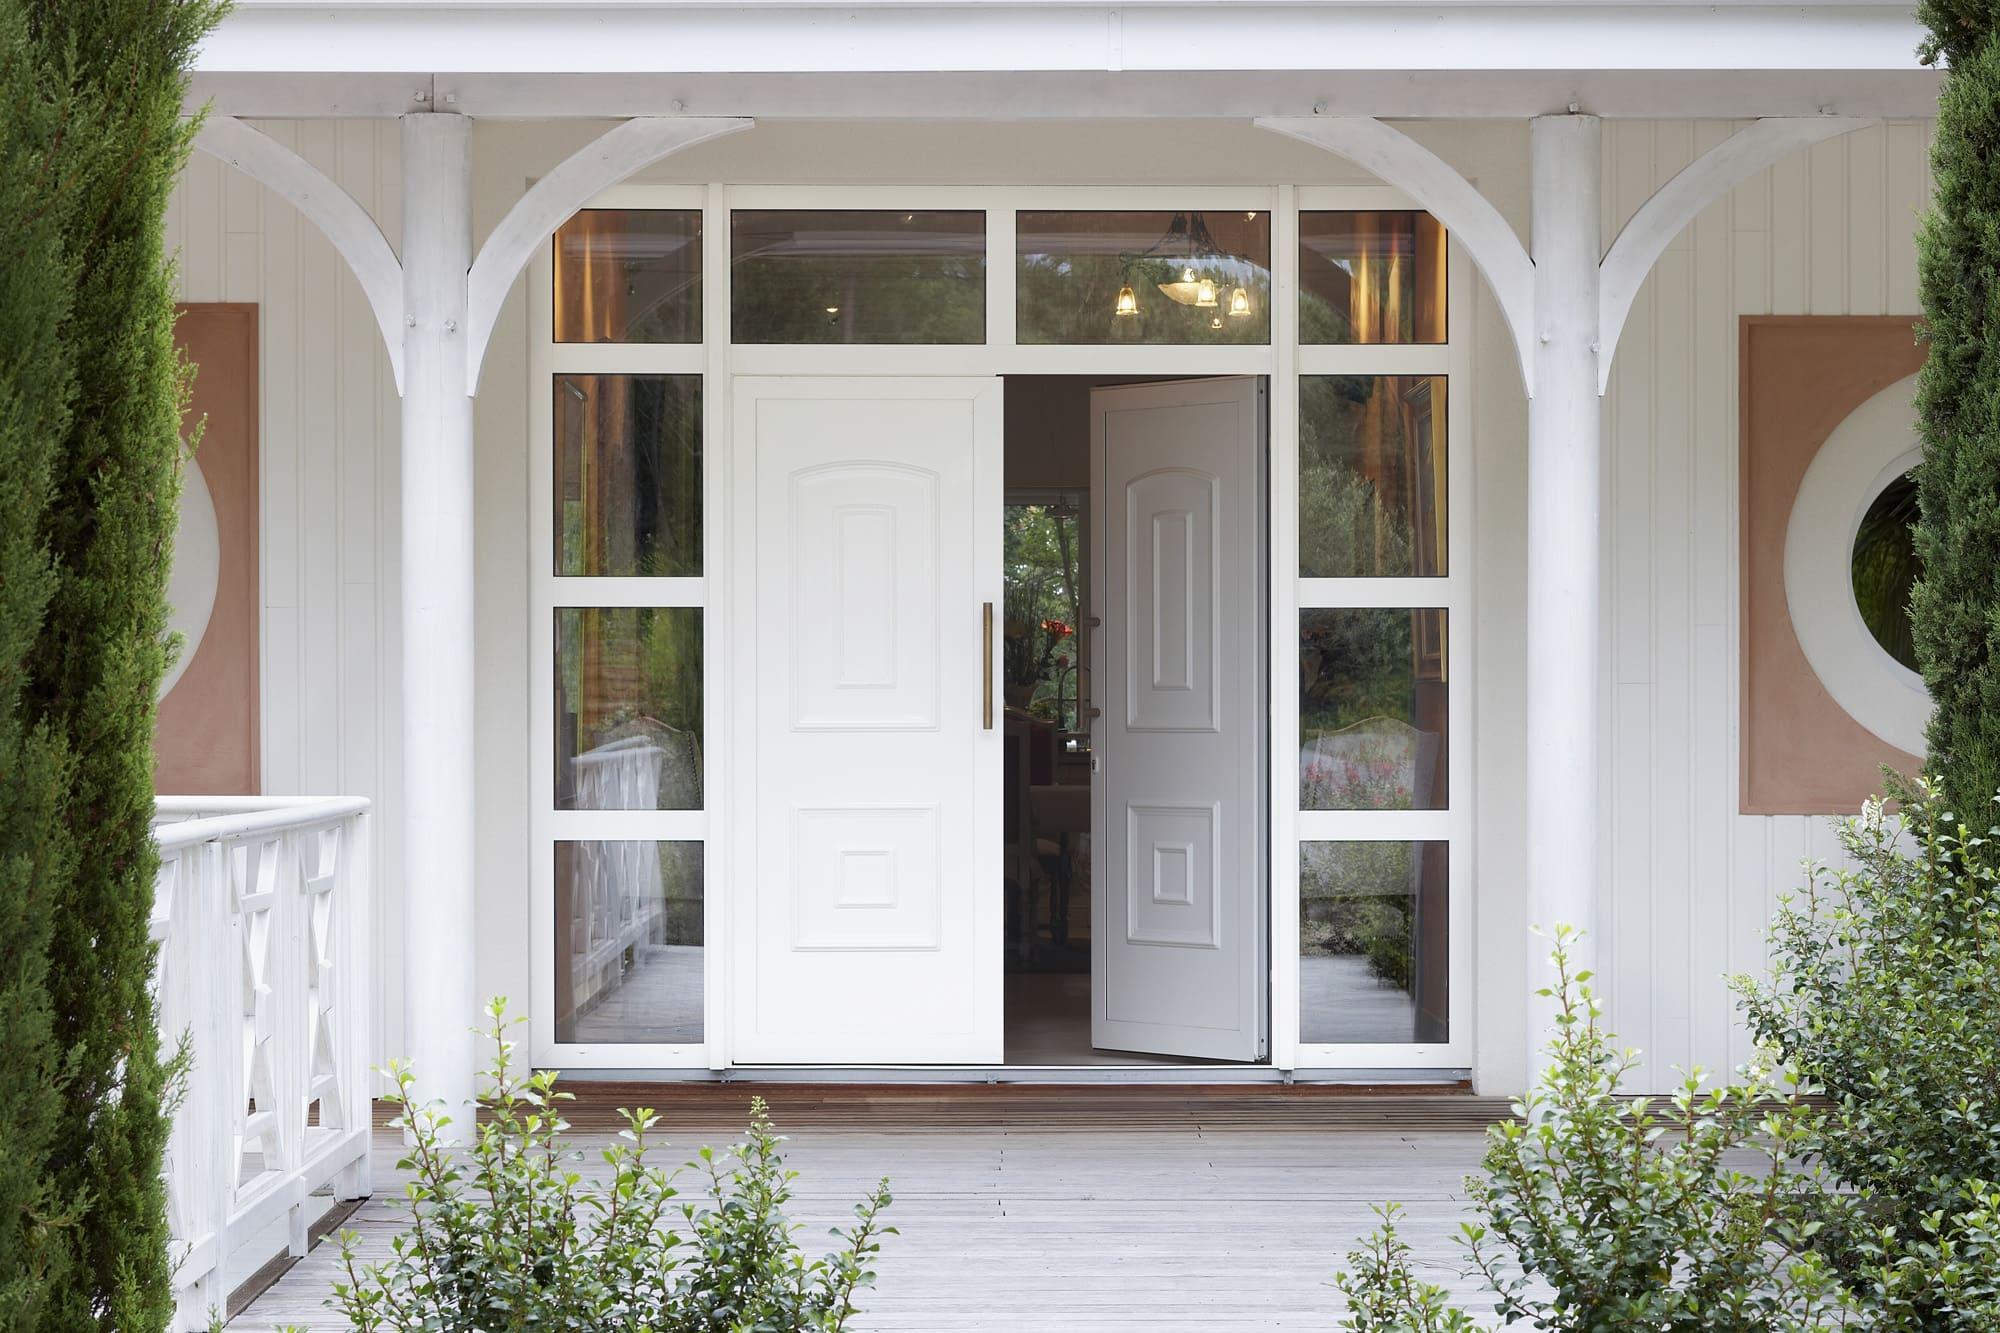 porte d'entrée avec vitrage